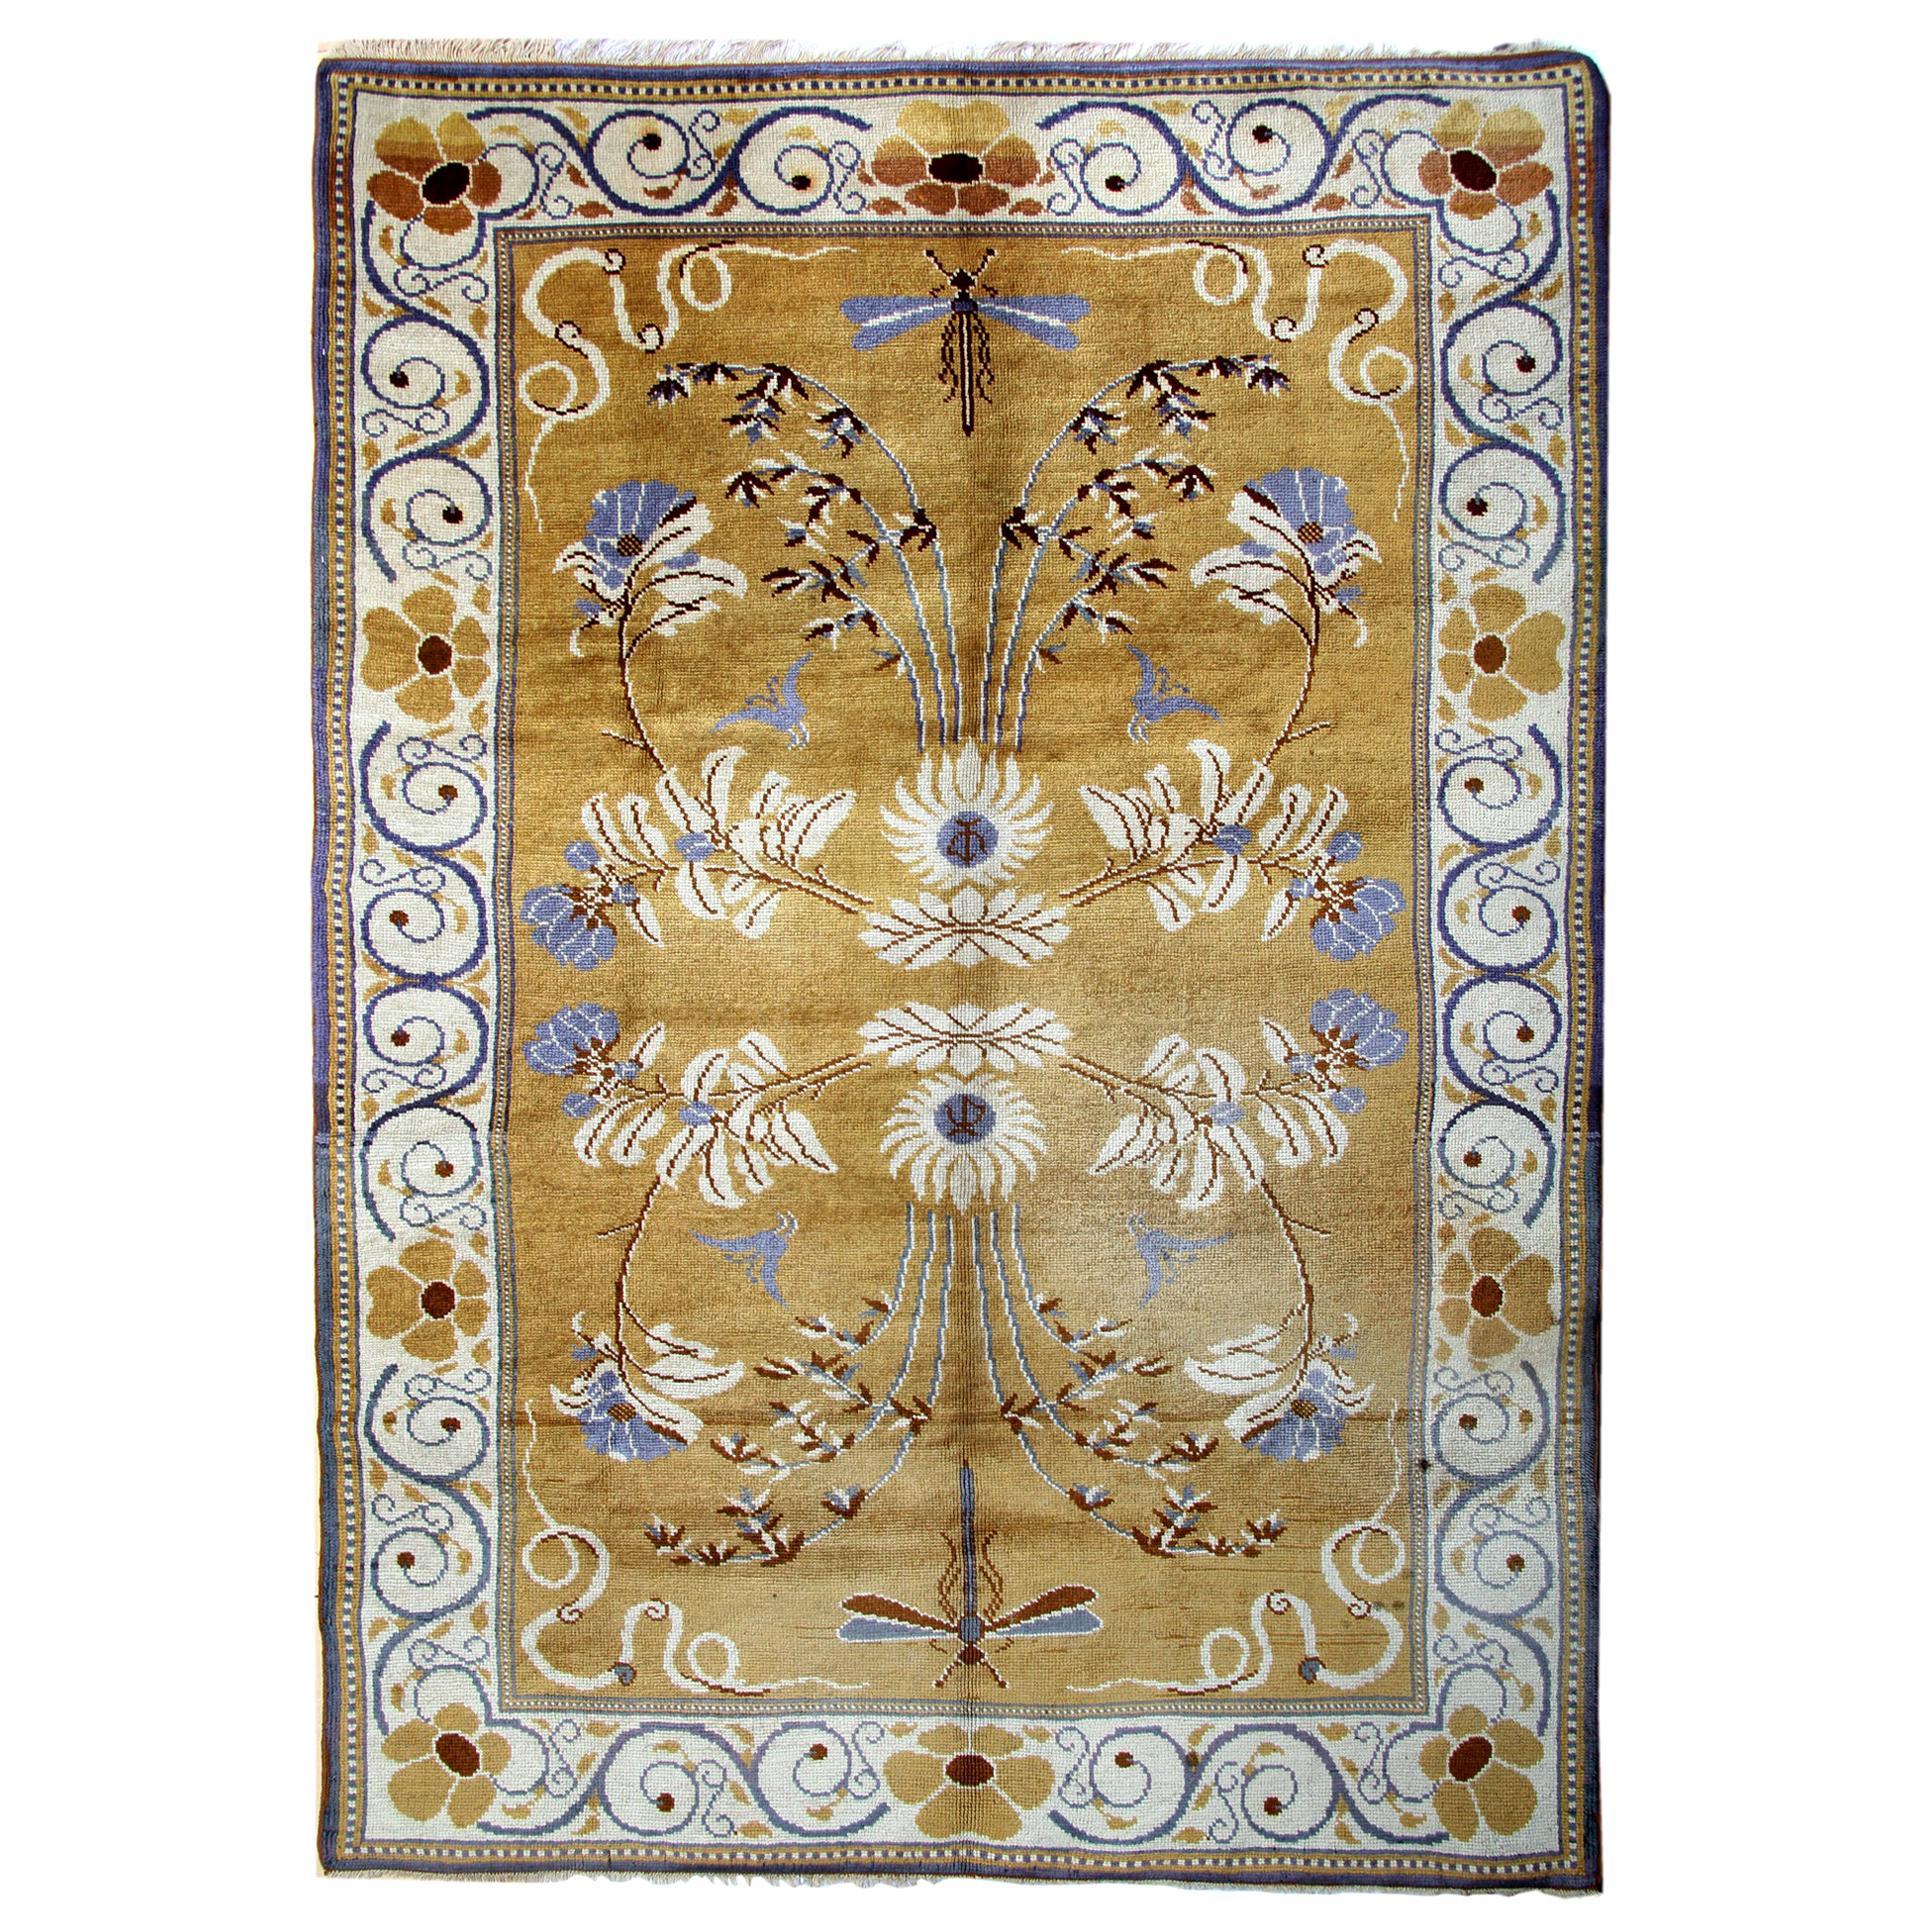 Rare Antique Rugs, Irish Floral Handmade Carpet Art Deco Design